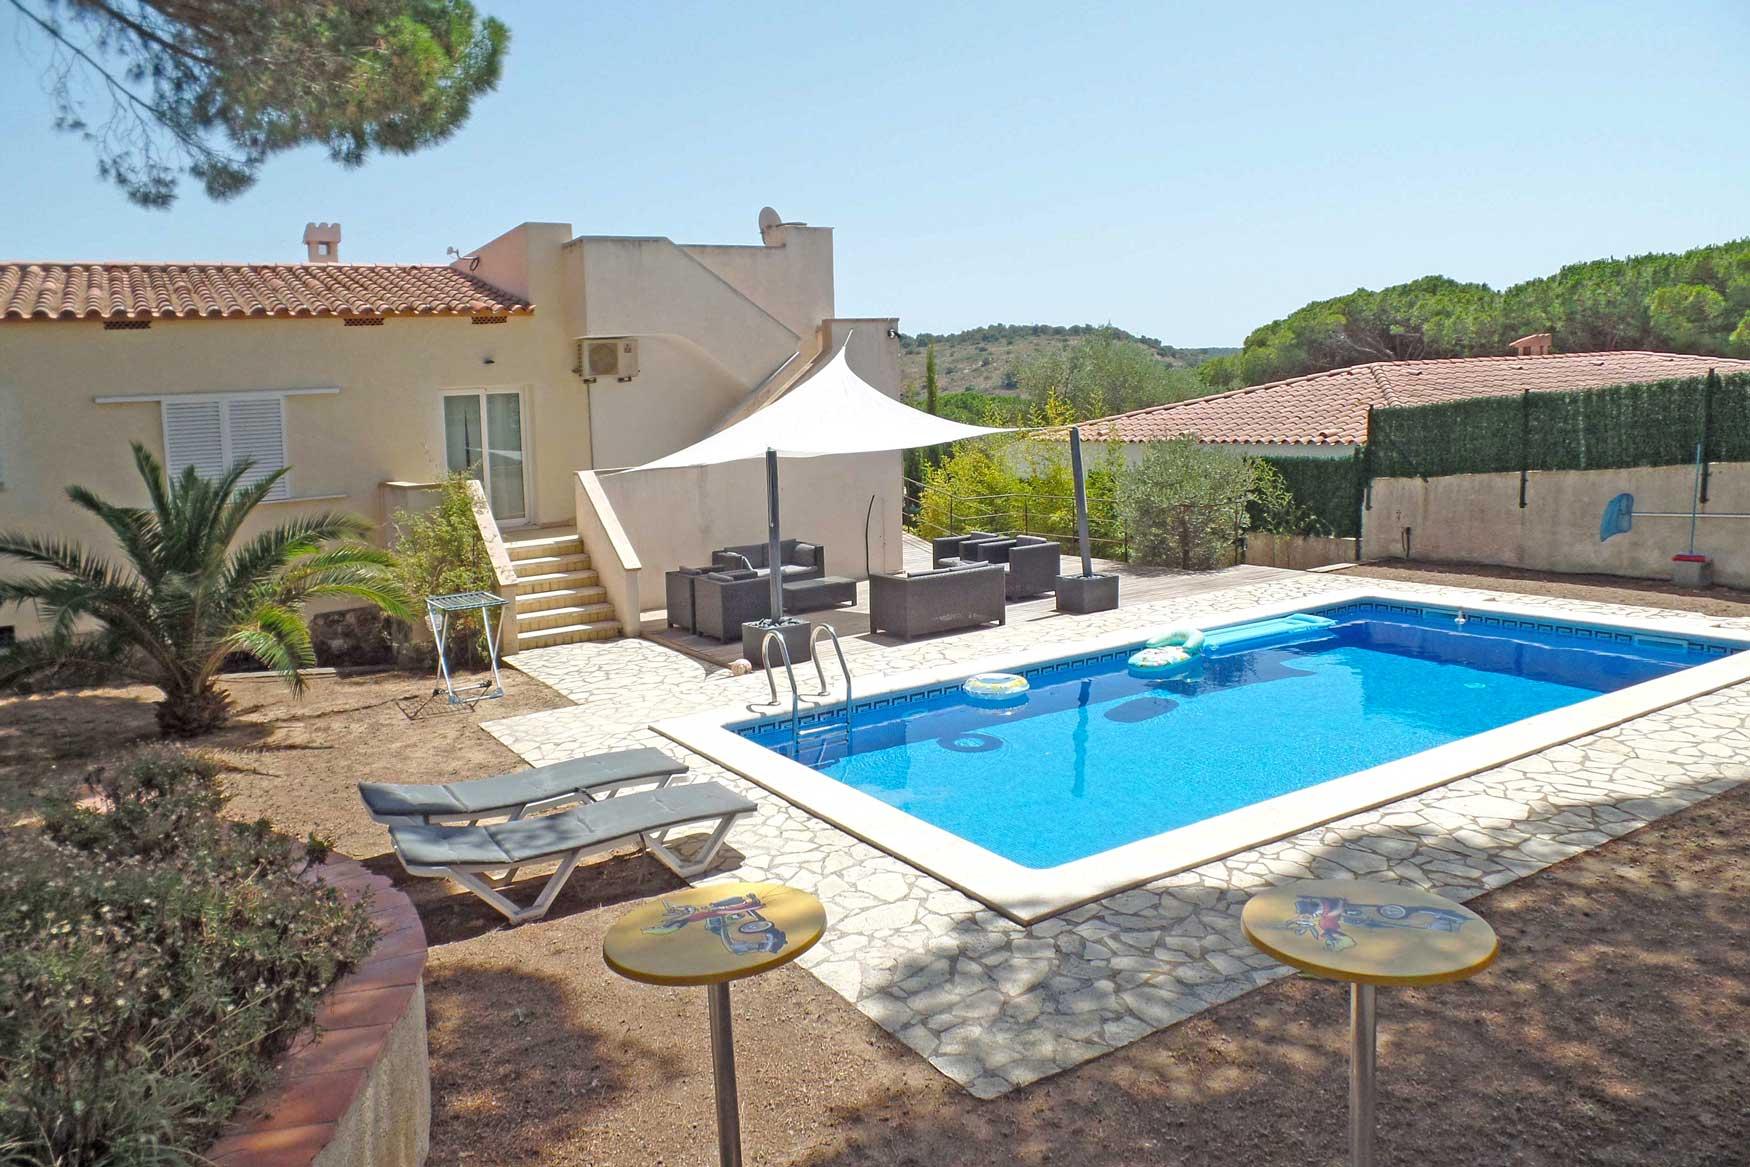 villa sonni is ook in het laagseizoen te huur